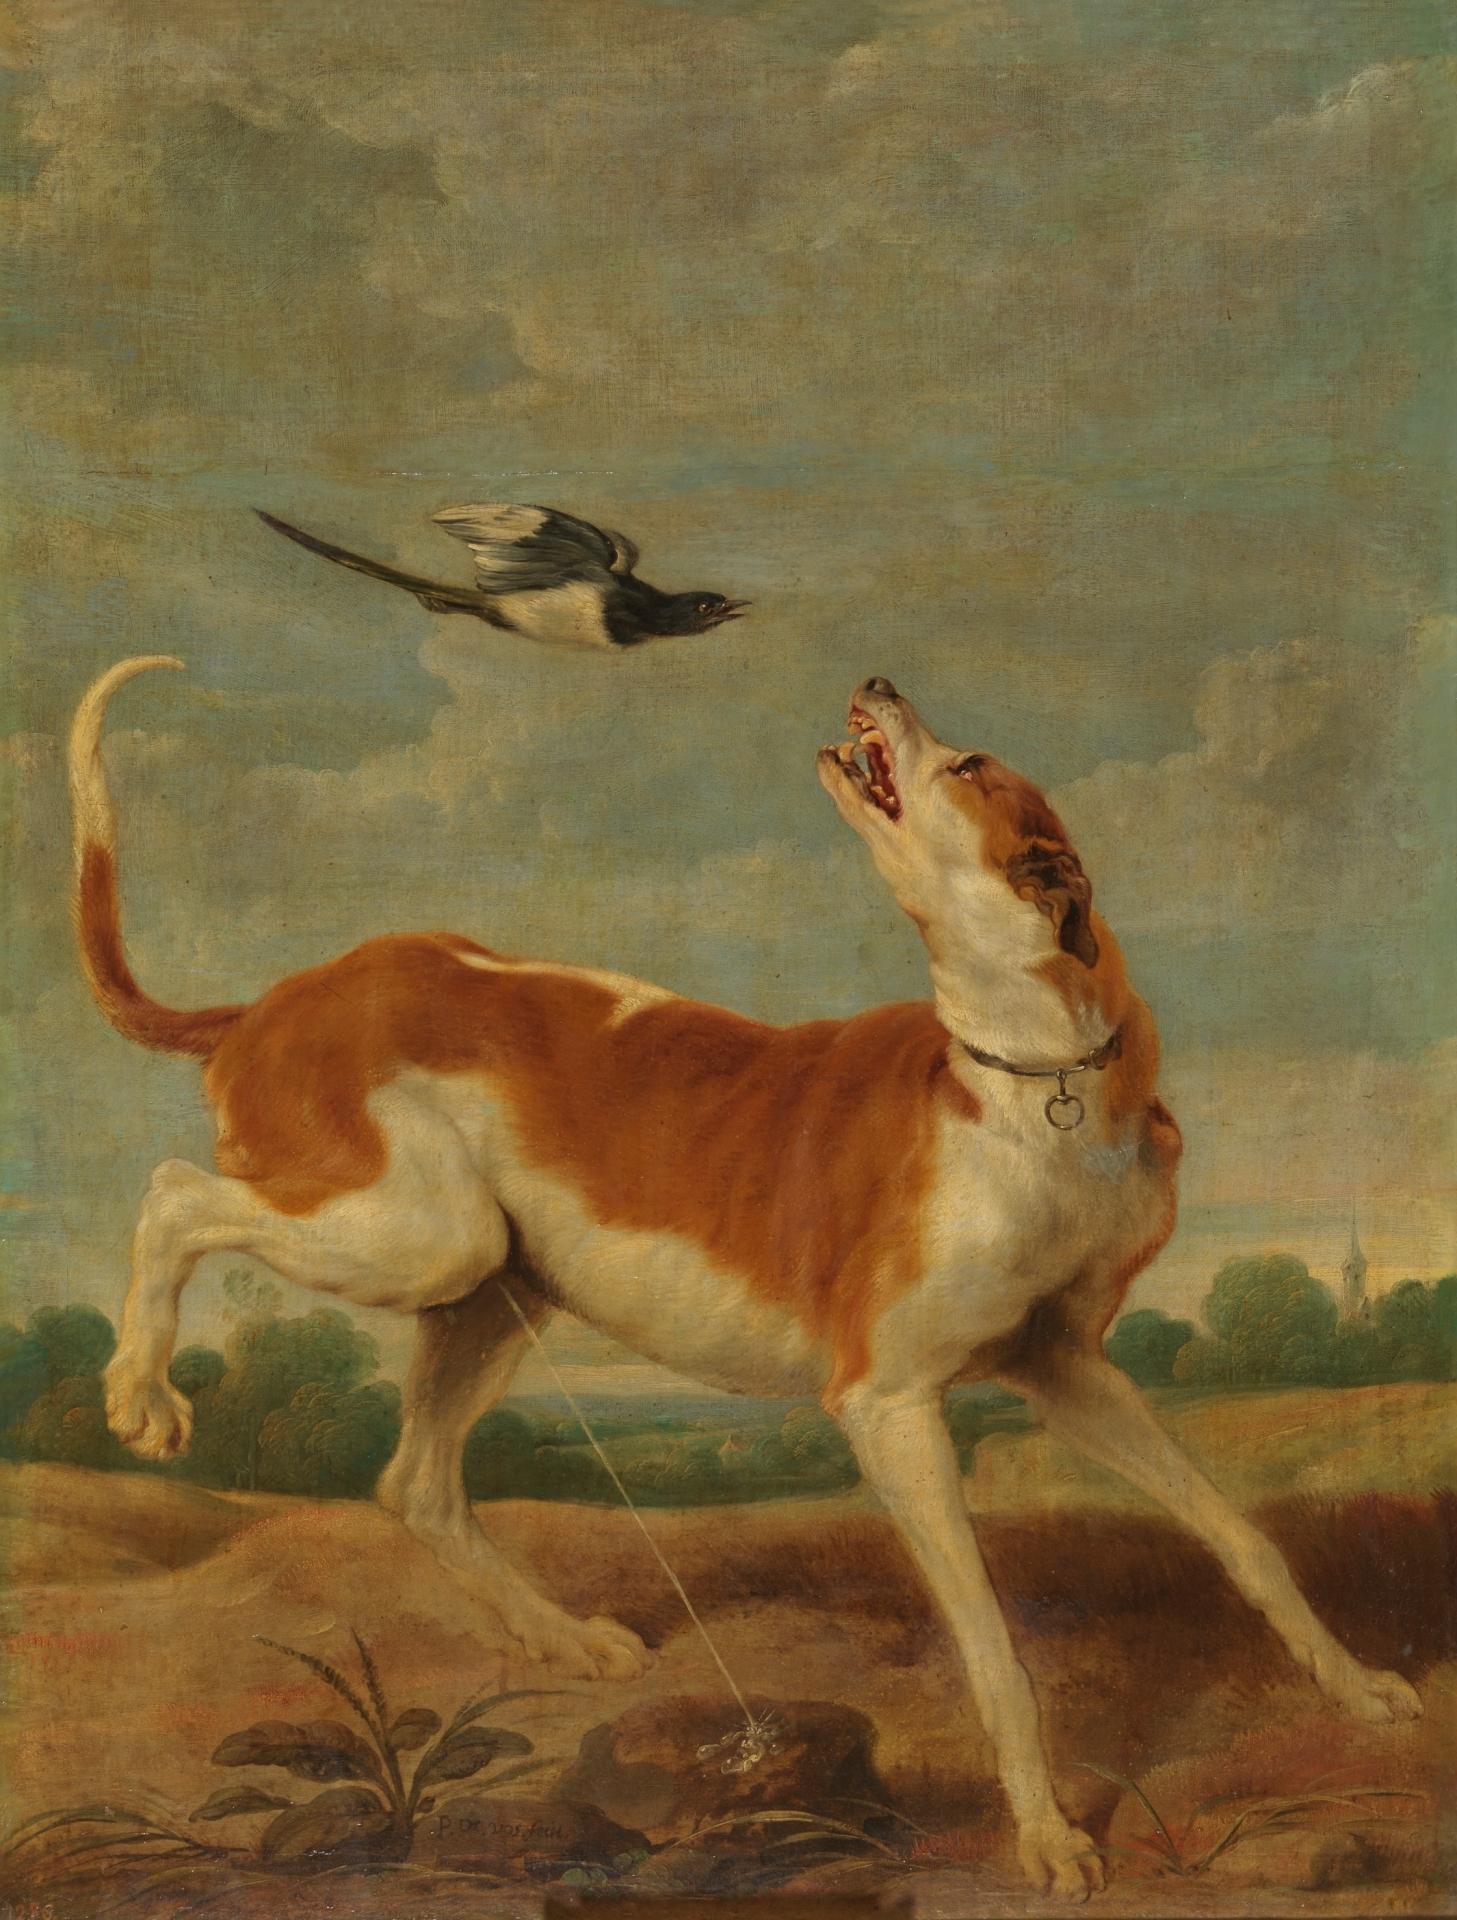 El perro y la picaza - Colección - Museo Nacional del Prado